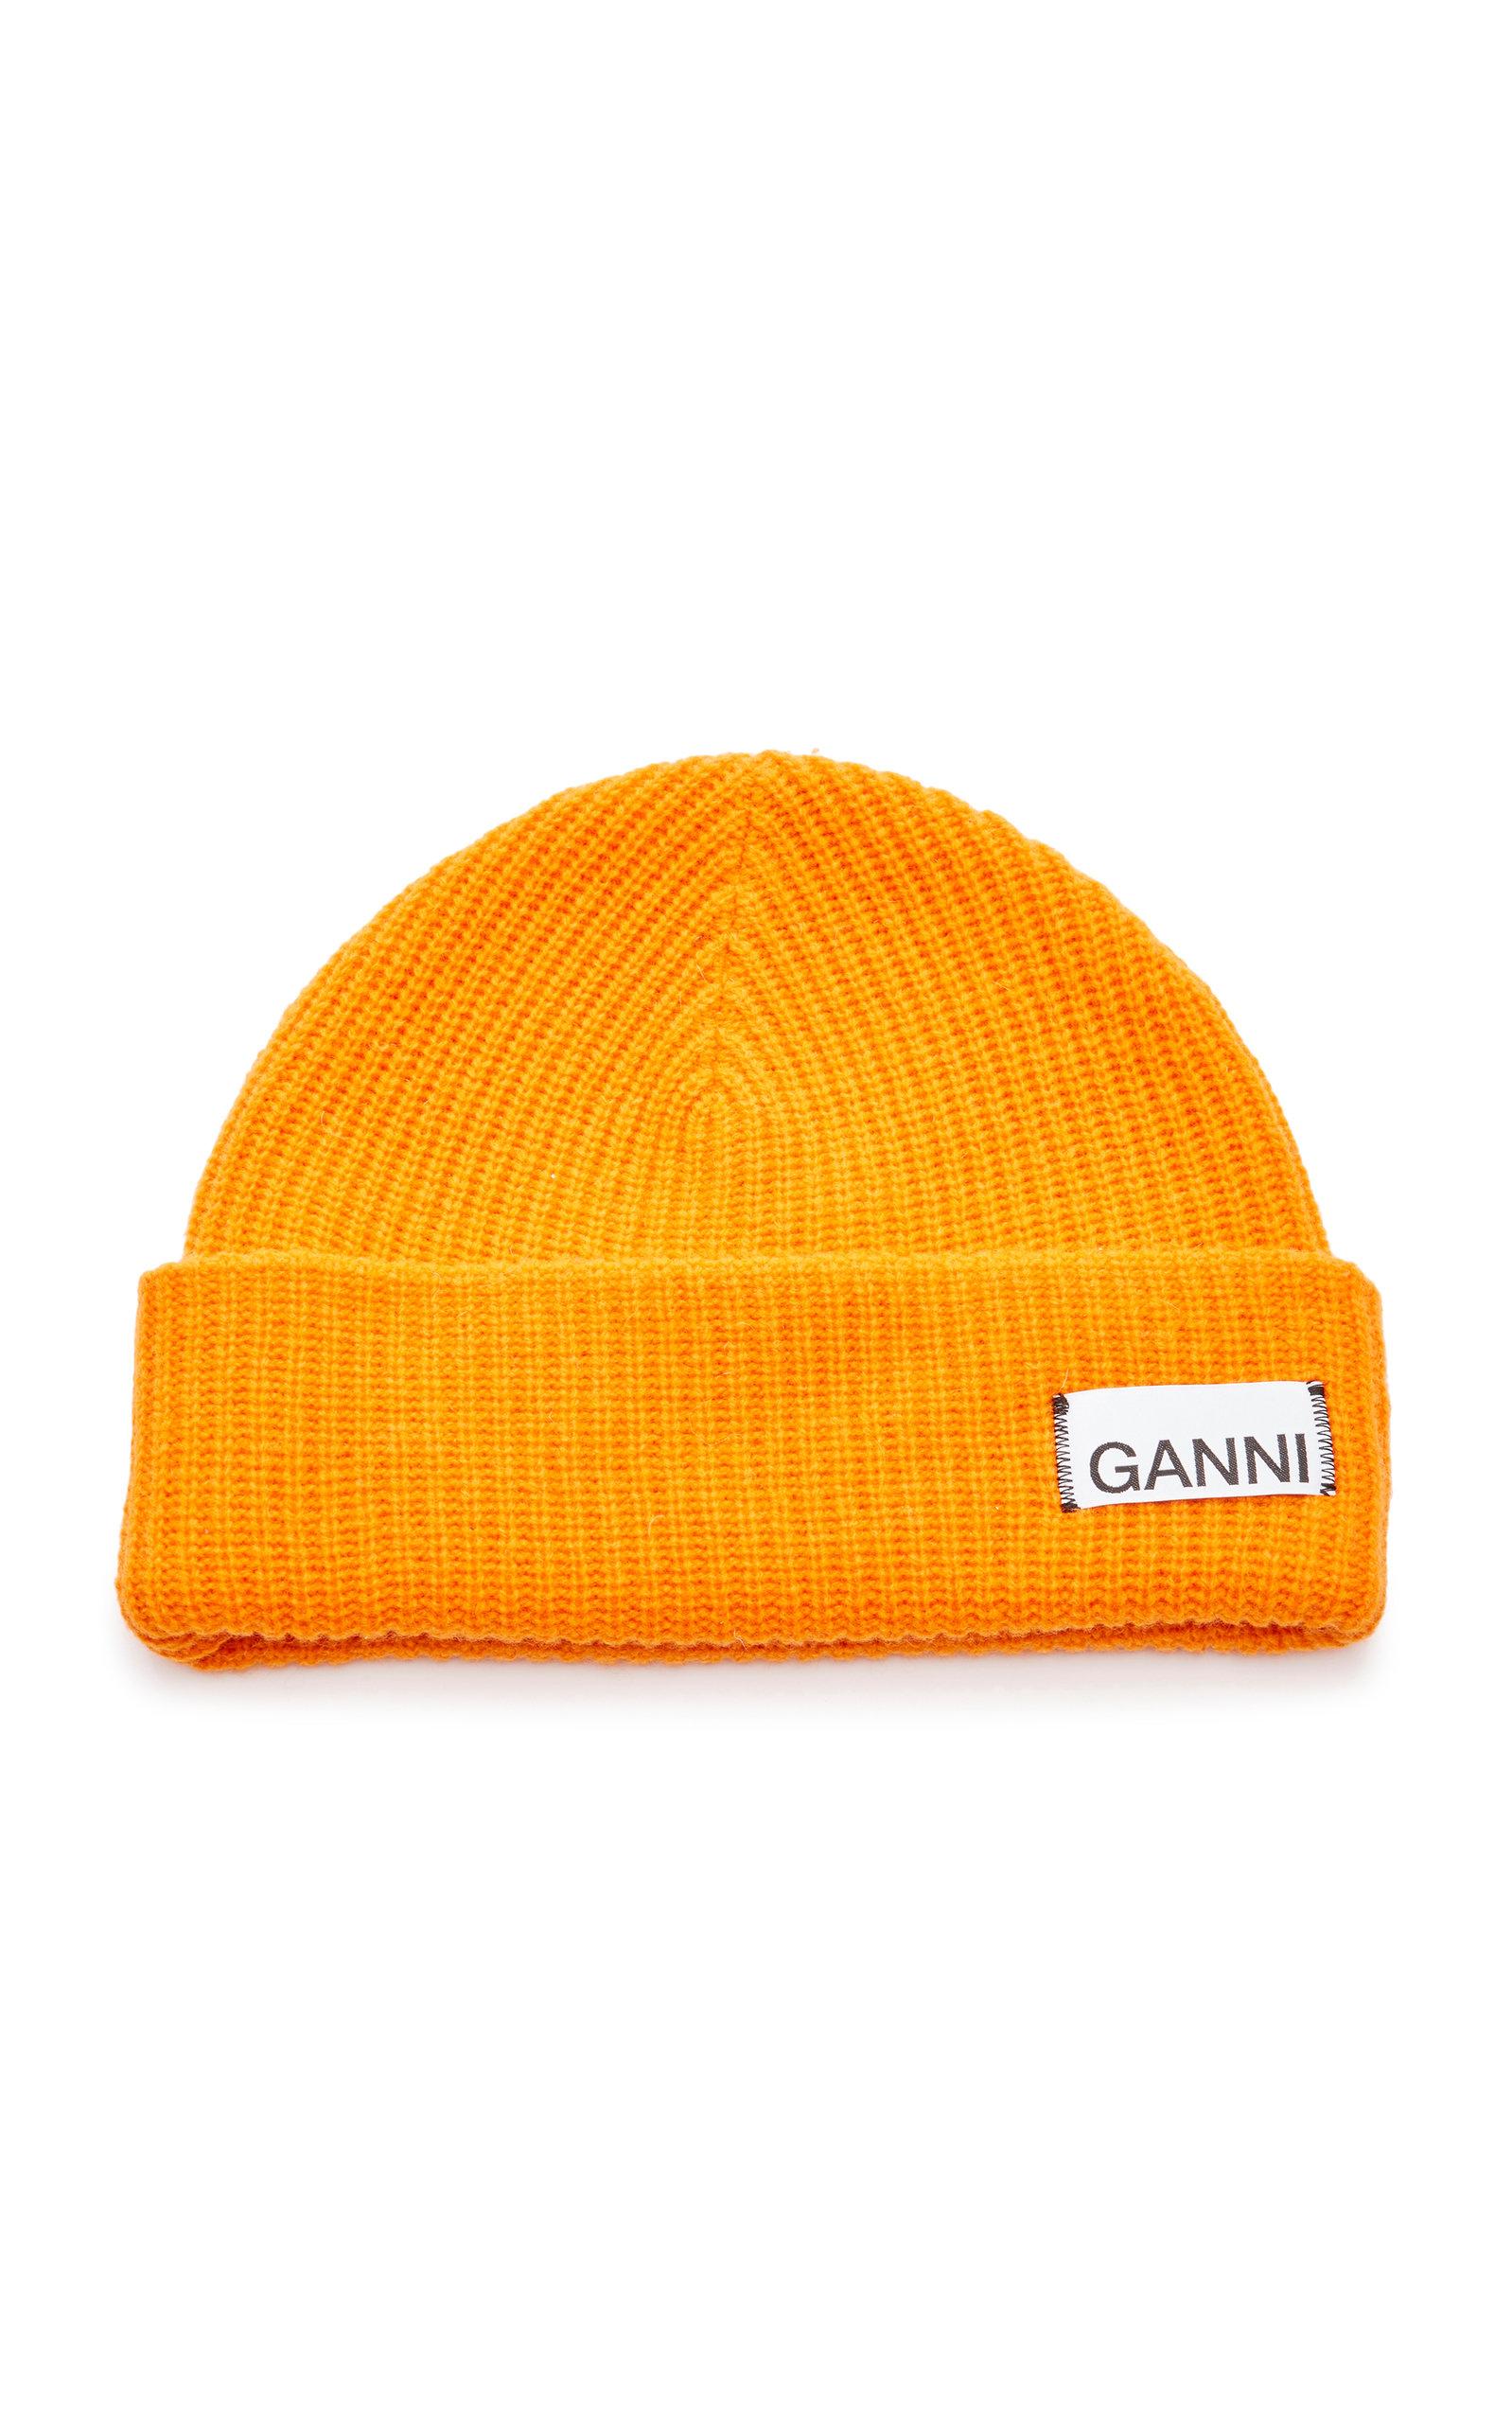 Ganni Hats Wool-Blend Beanie